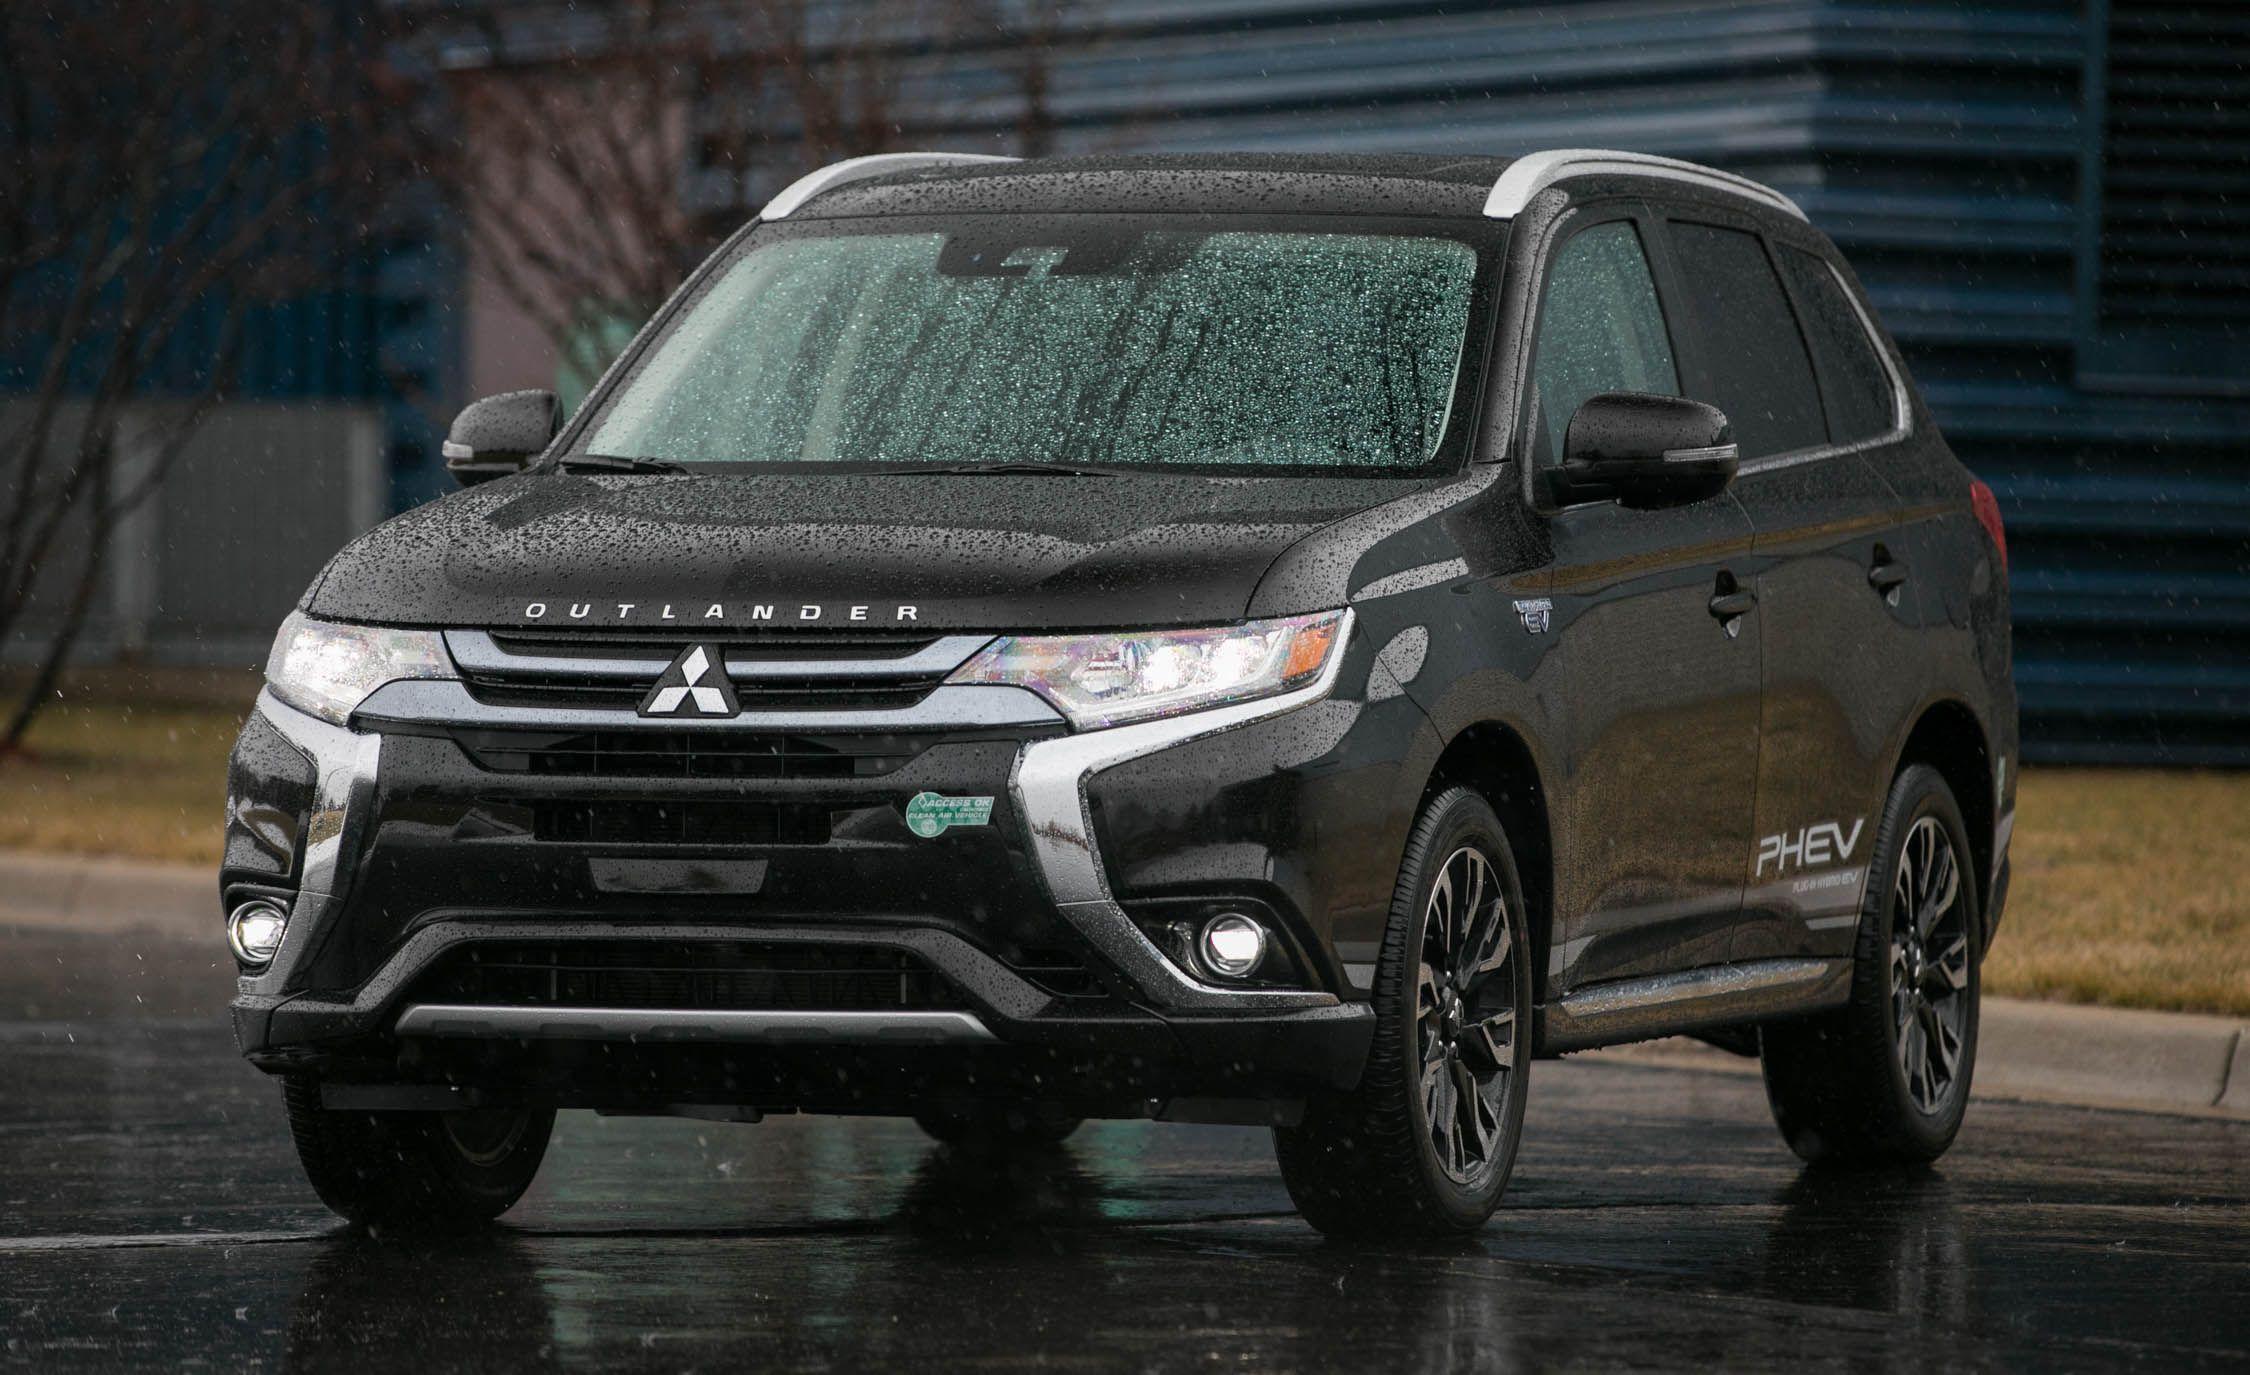 2019 Mitsubishi Outlander Reviews Mitsubishi Outlander Price